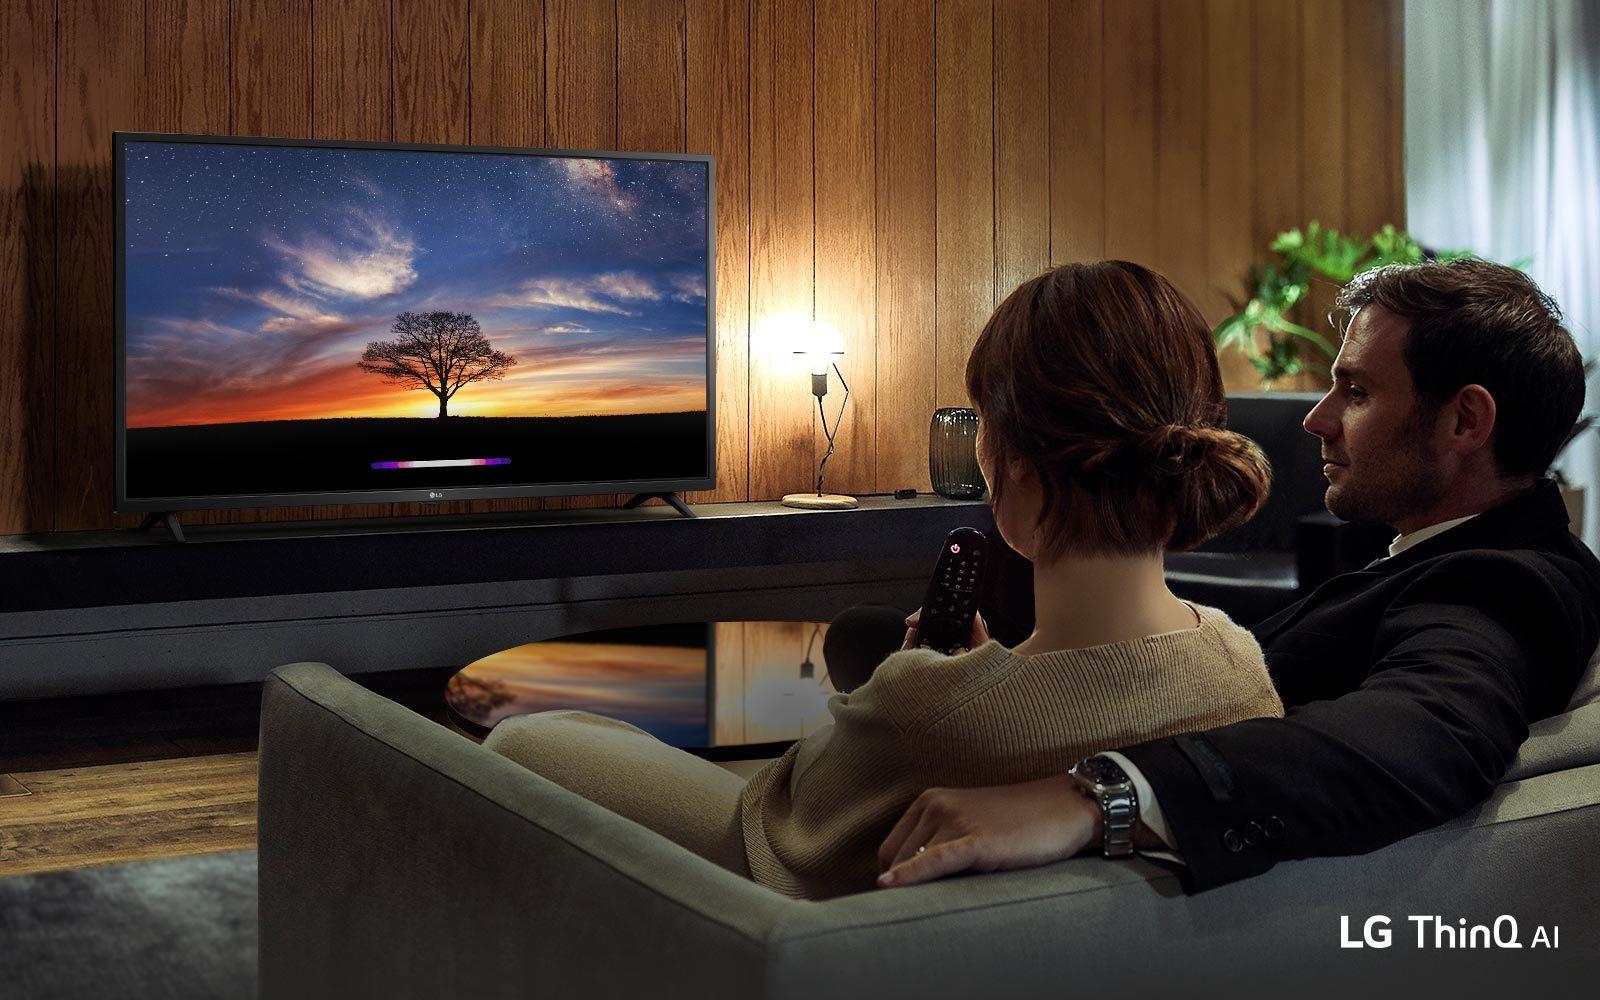 Smart Tivi LG 43 inch 43LM6360PTB - Trí thông minh mới phát triển bởi AI